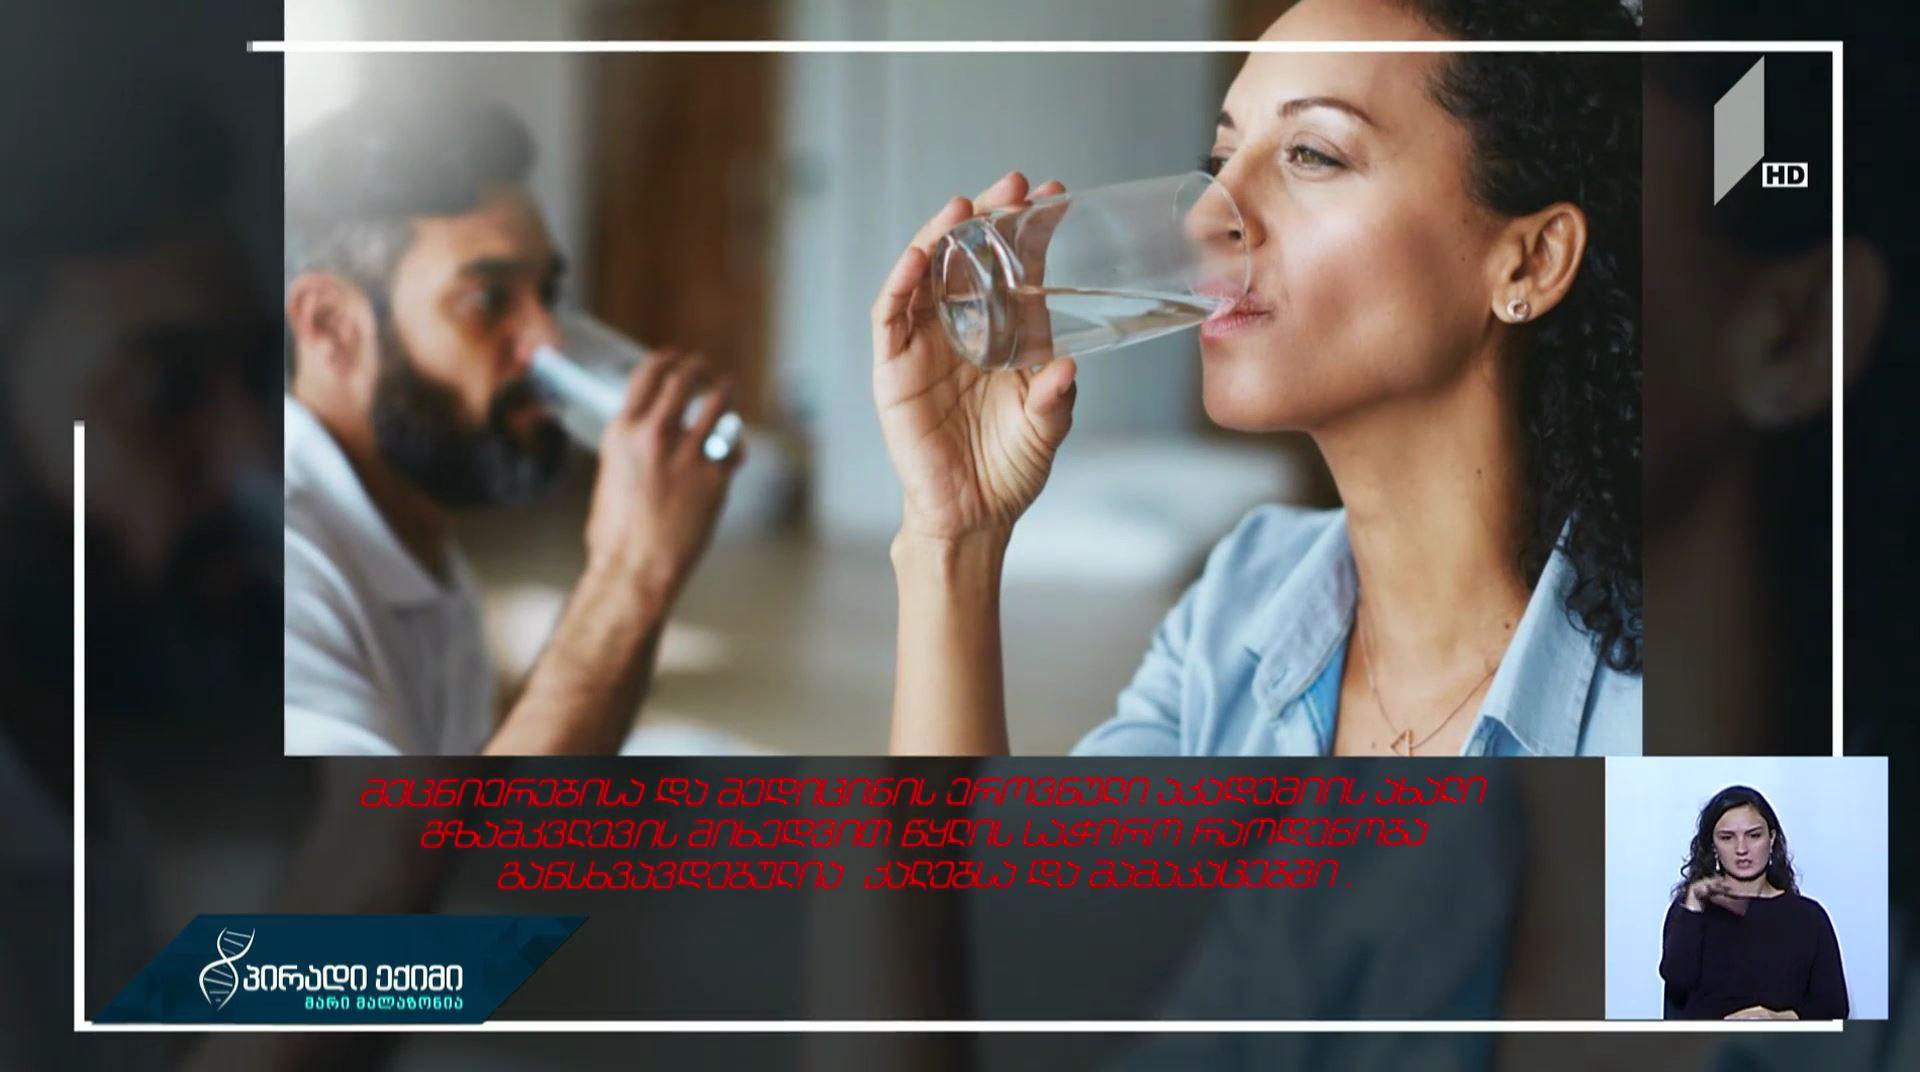 #პირადიექიმი ვსვამთ თუ არა დღის განმავლობაში საკმარის წყალს